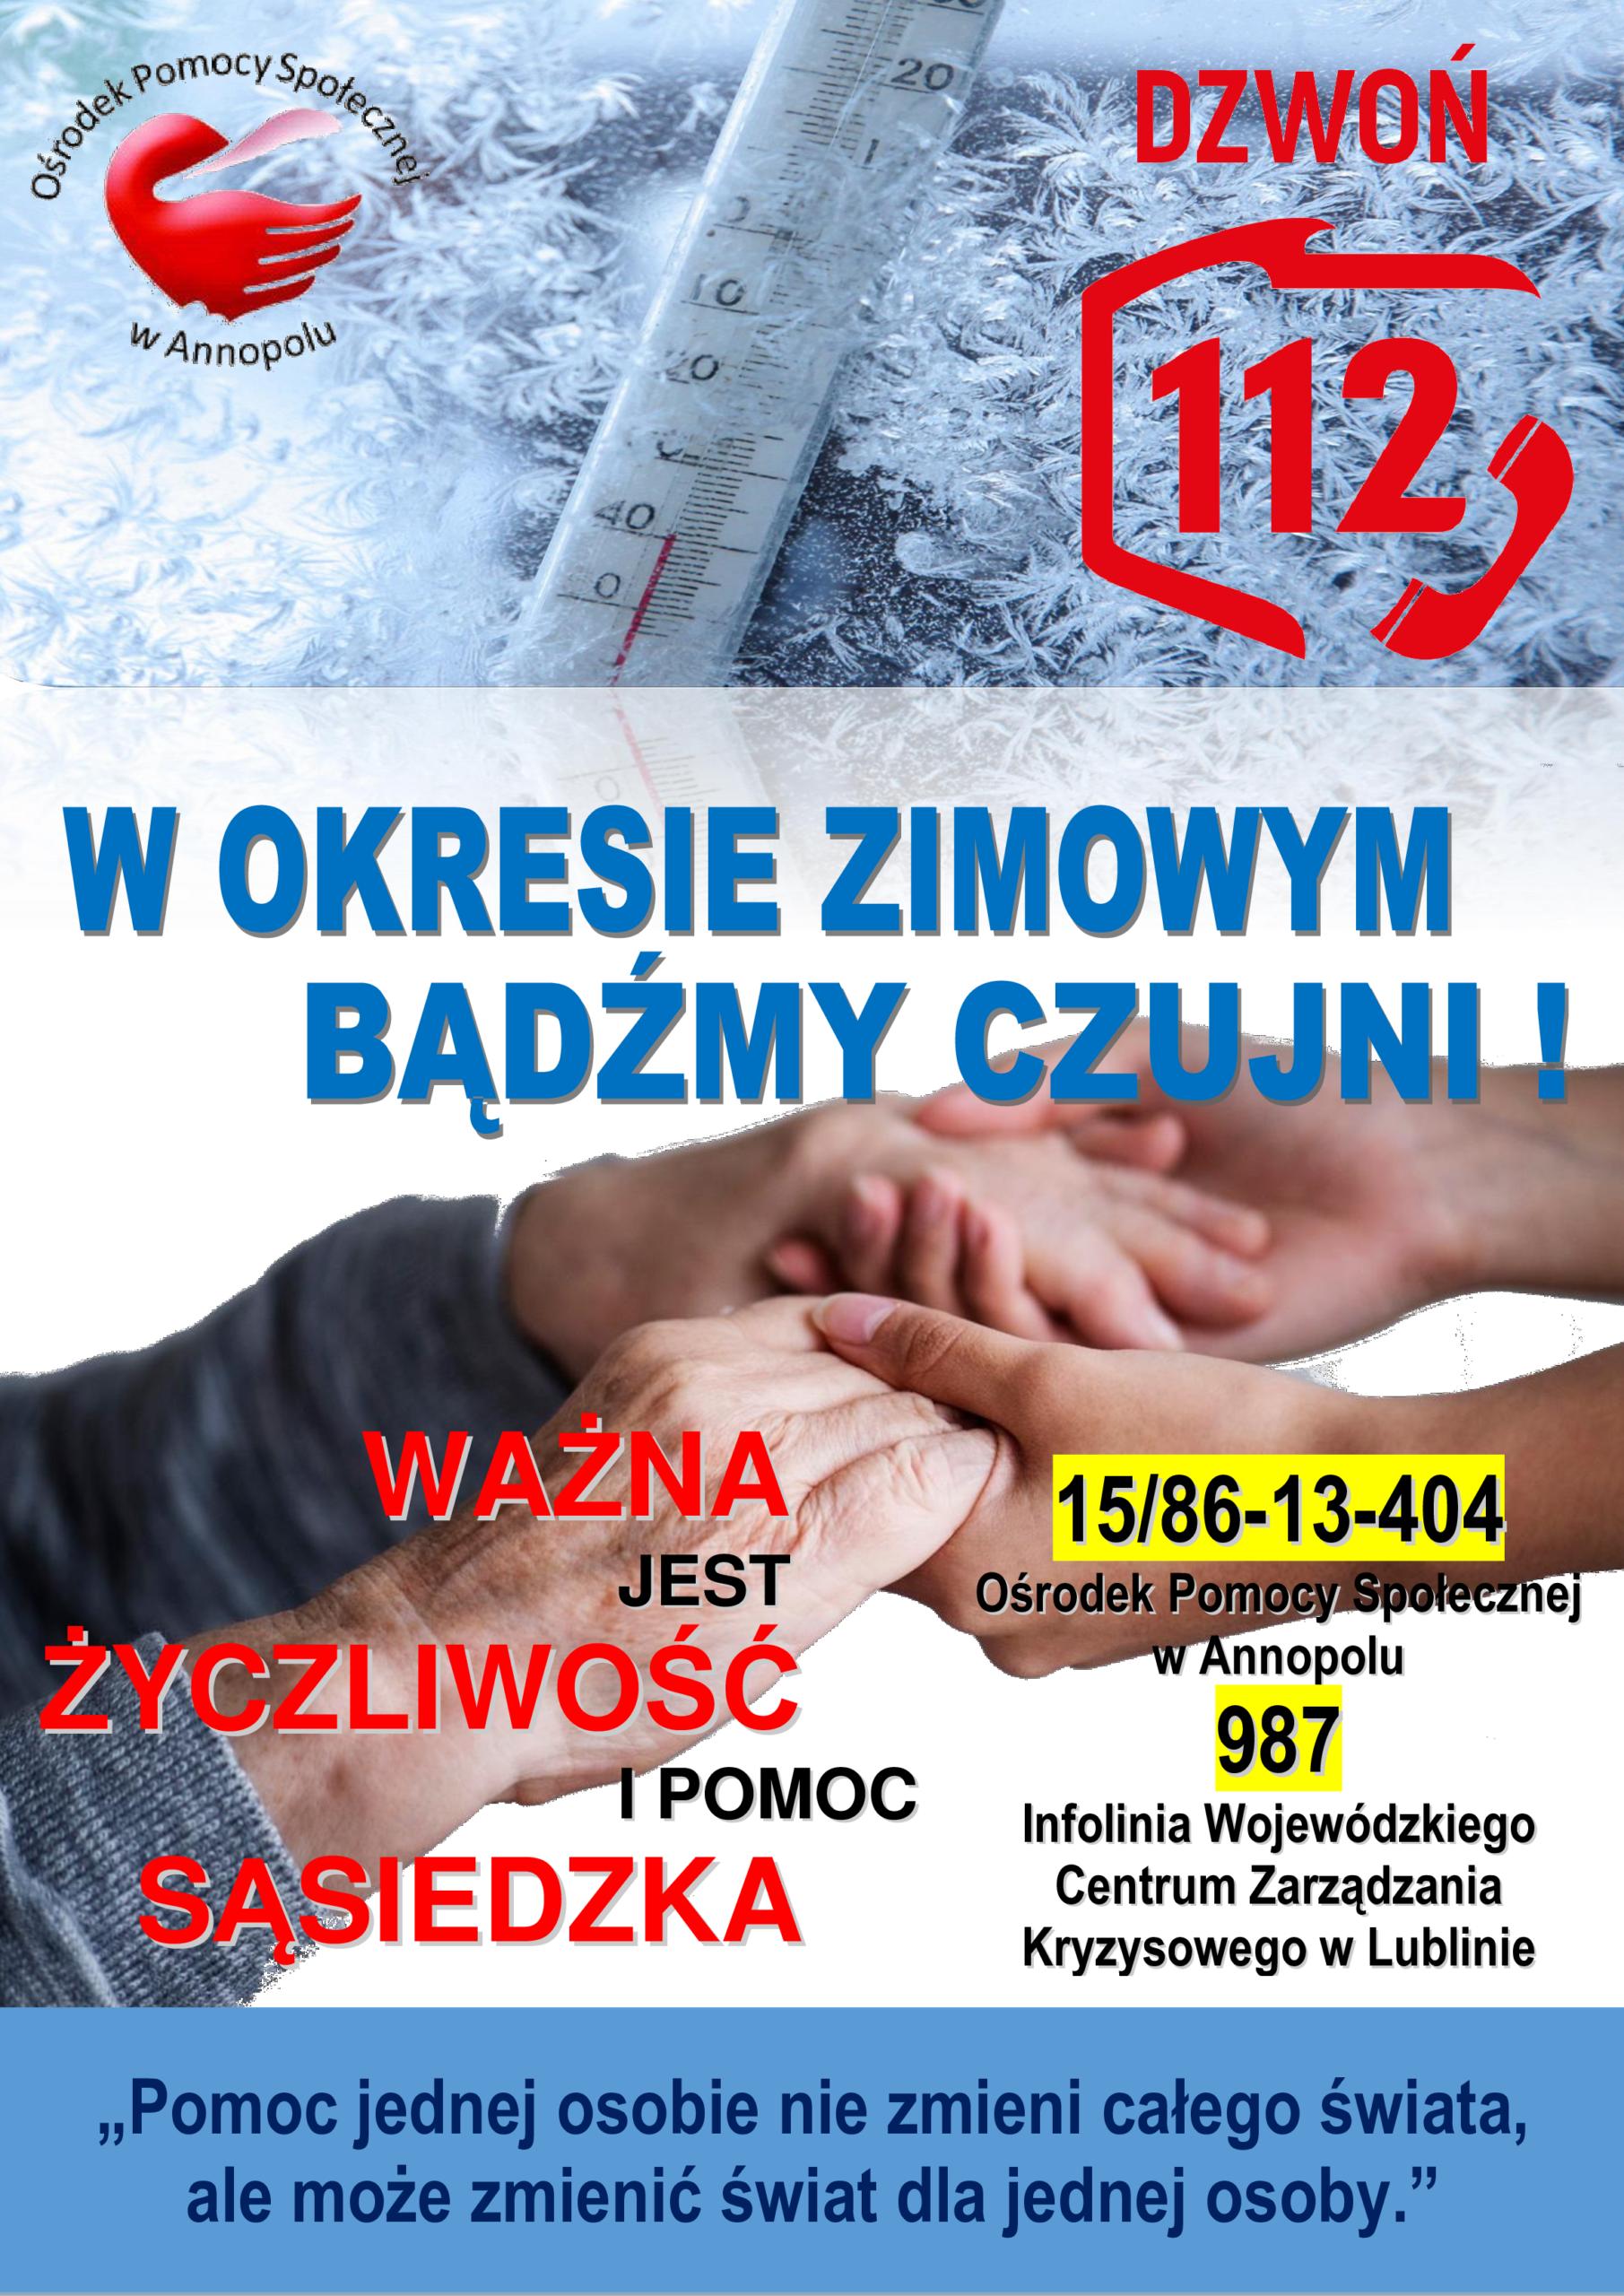 Plakat przedstawia zdjęcie dłoni w geście niesienia pomocy z numerami telefonów dla osób potrzebujących pomocy w okresie zimowym, czyli numer alarmowy 112, telefon do Ośrodka Pomocy Społecznej w Annopolu 158613404 oraz telefon na Infolinię Wojewódzkiego Centrum Zarządzania Kryzowego w Lublinie 987.